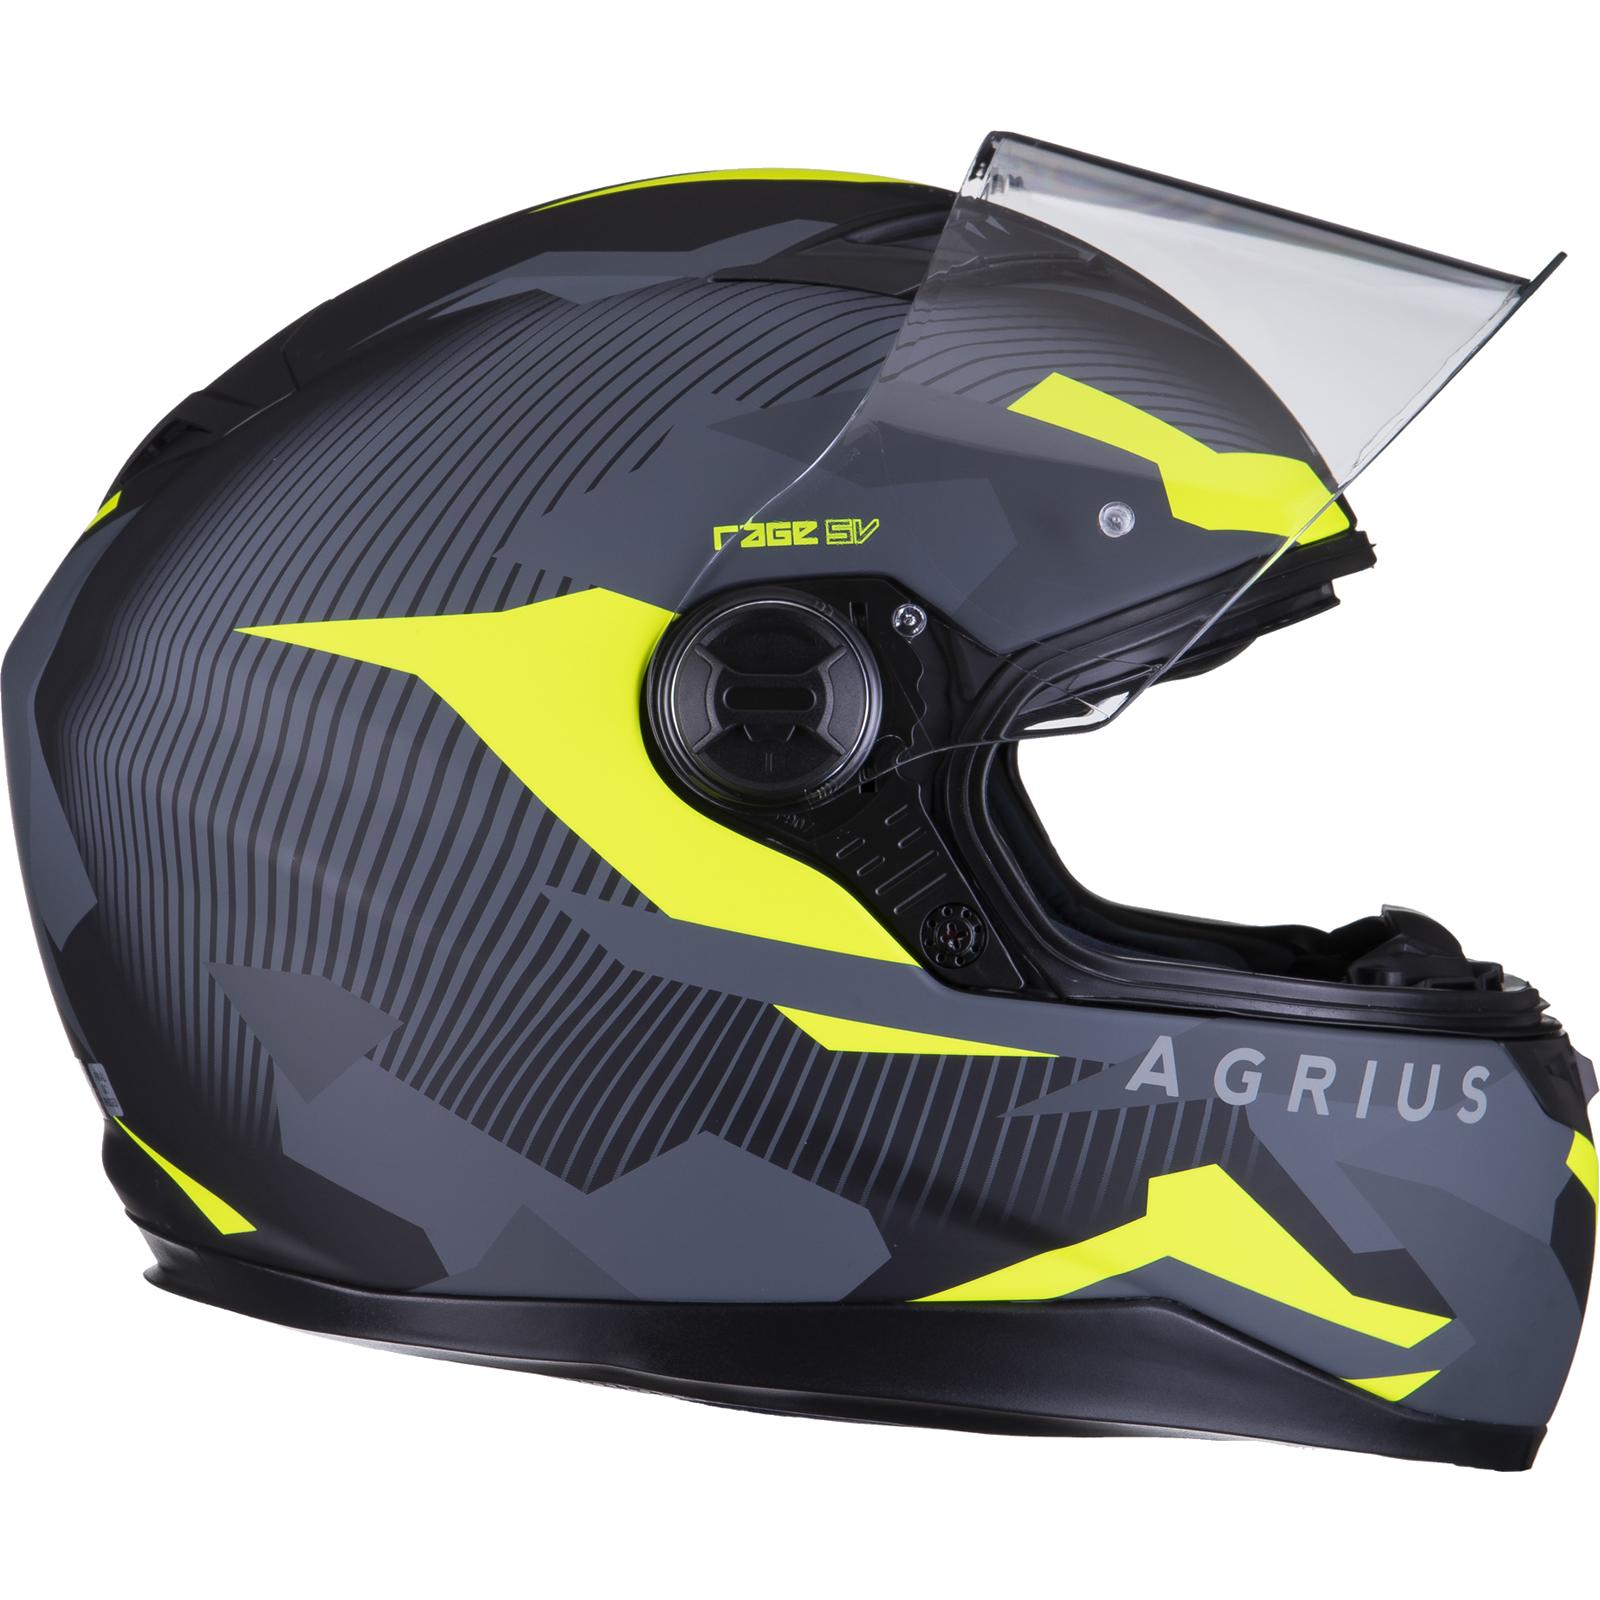 Agrius-Rage-SV-Tracker-Full-Face-Motorcycle-Matt-Helmet-bike-Road-Bike-Scooter thumbnail 46